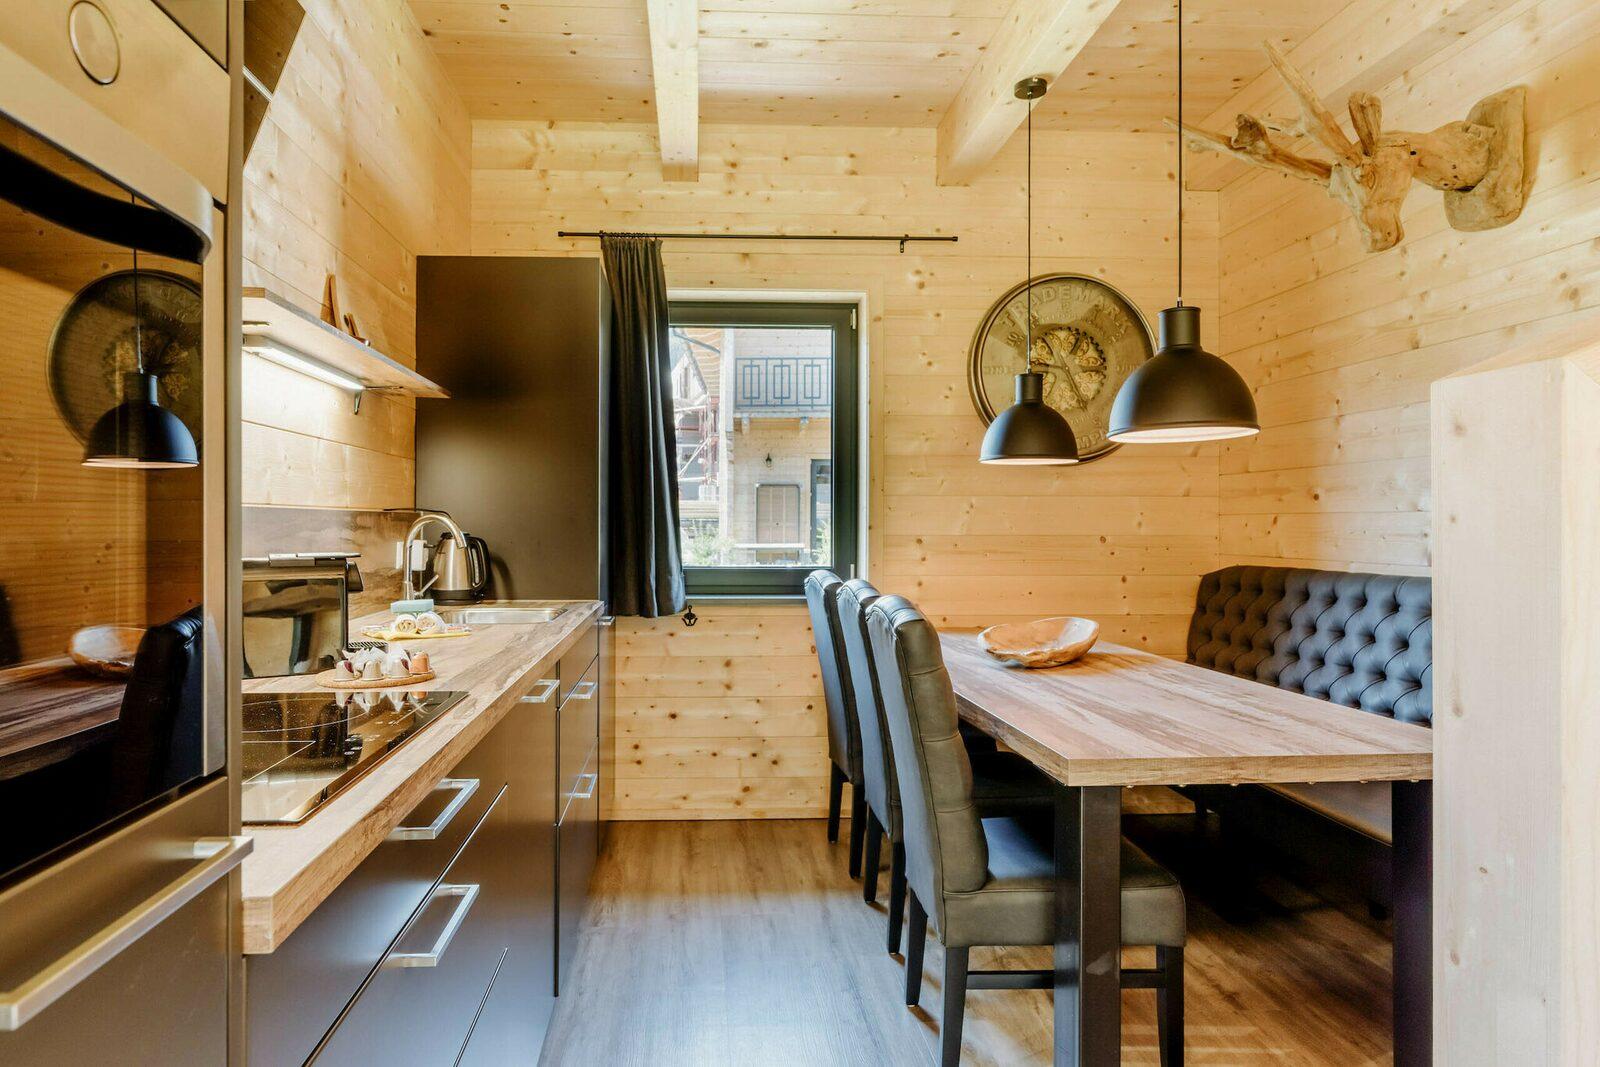 Residence for 4